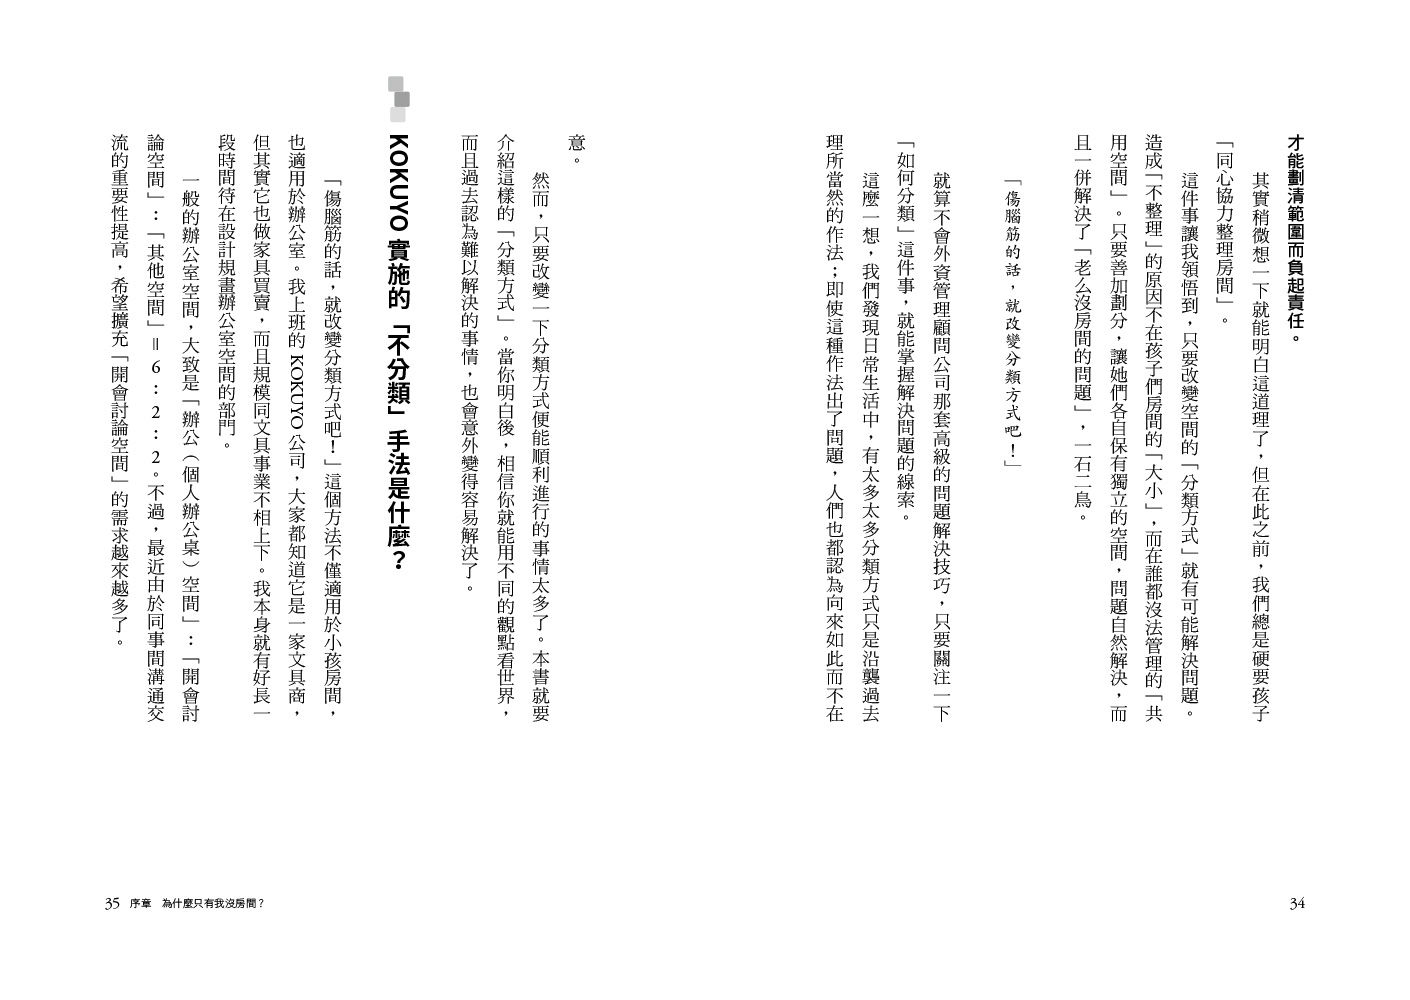 傷腦筋的話,就改變分類方式吧!:日本經典文具品牌KOKUYO善用四大類型分類法,解決整理收納、空間規劃、商品定位、顧客資料管理各種難題